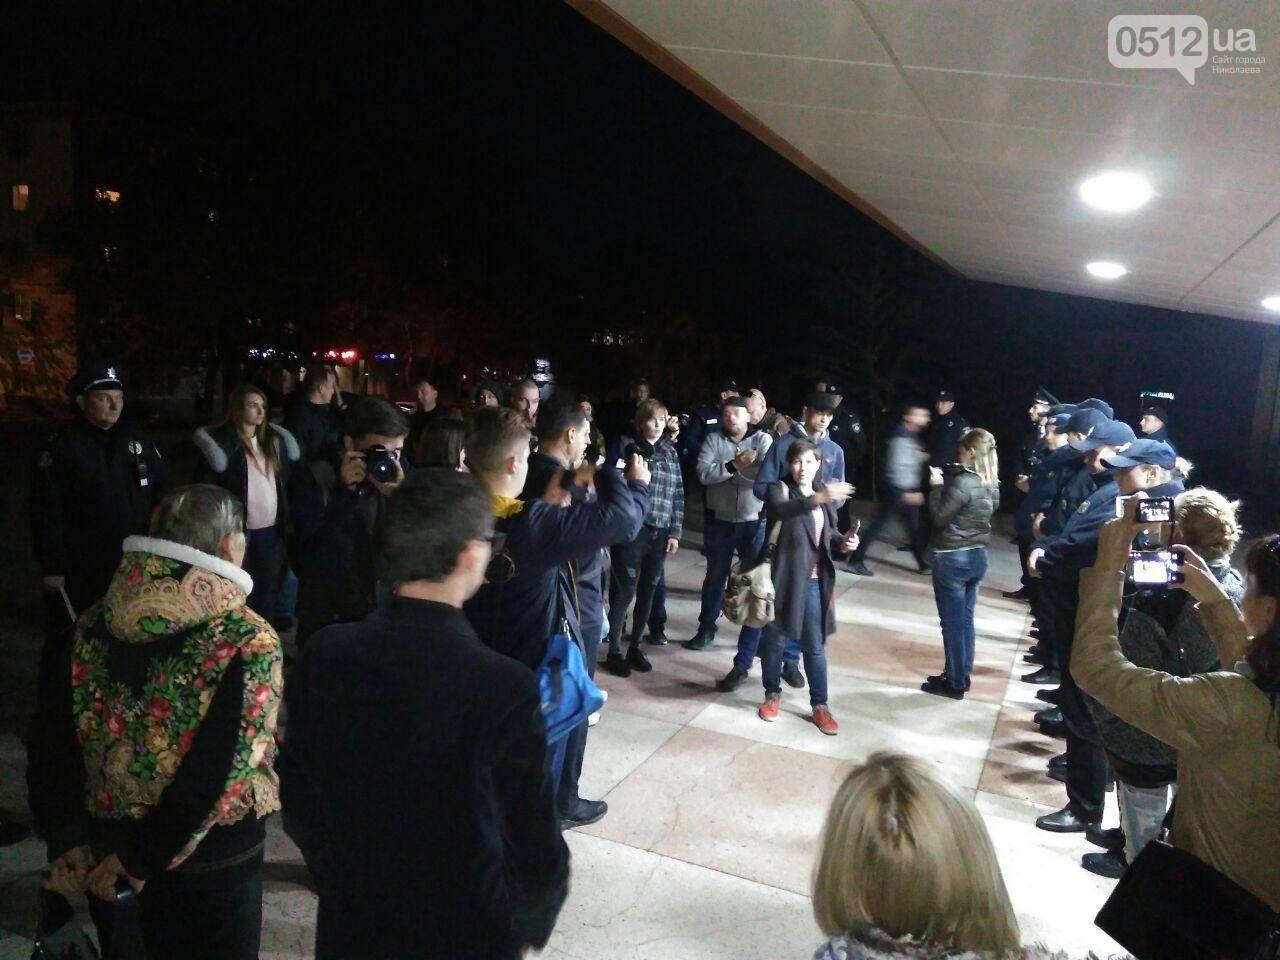 В Николаеве заминировано здание ОДК: Националисты пытаются сорвать концерт Бабкина (Фото)